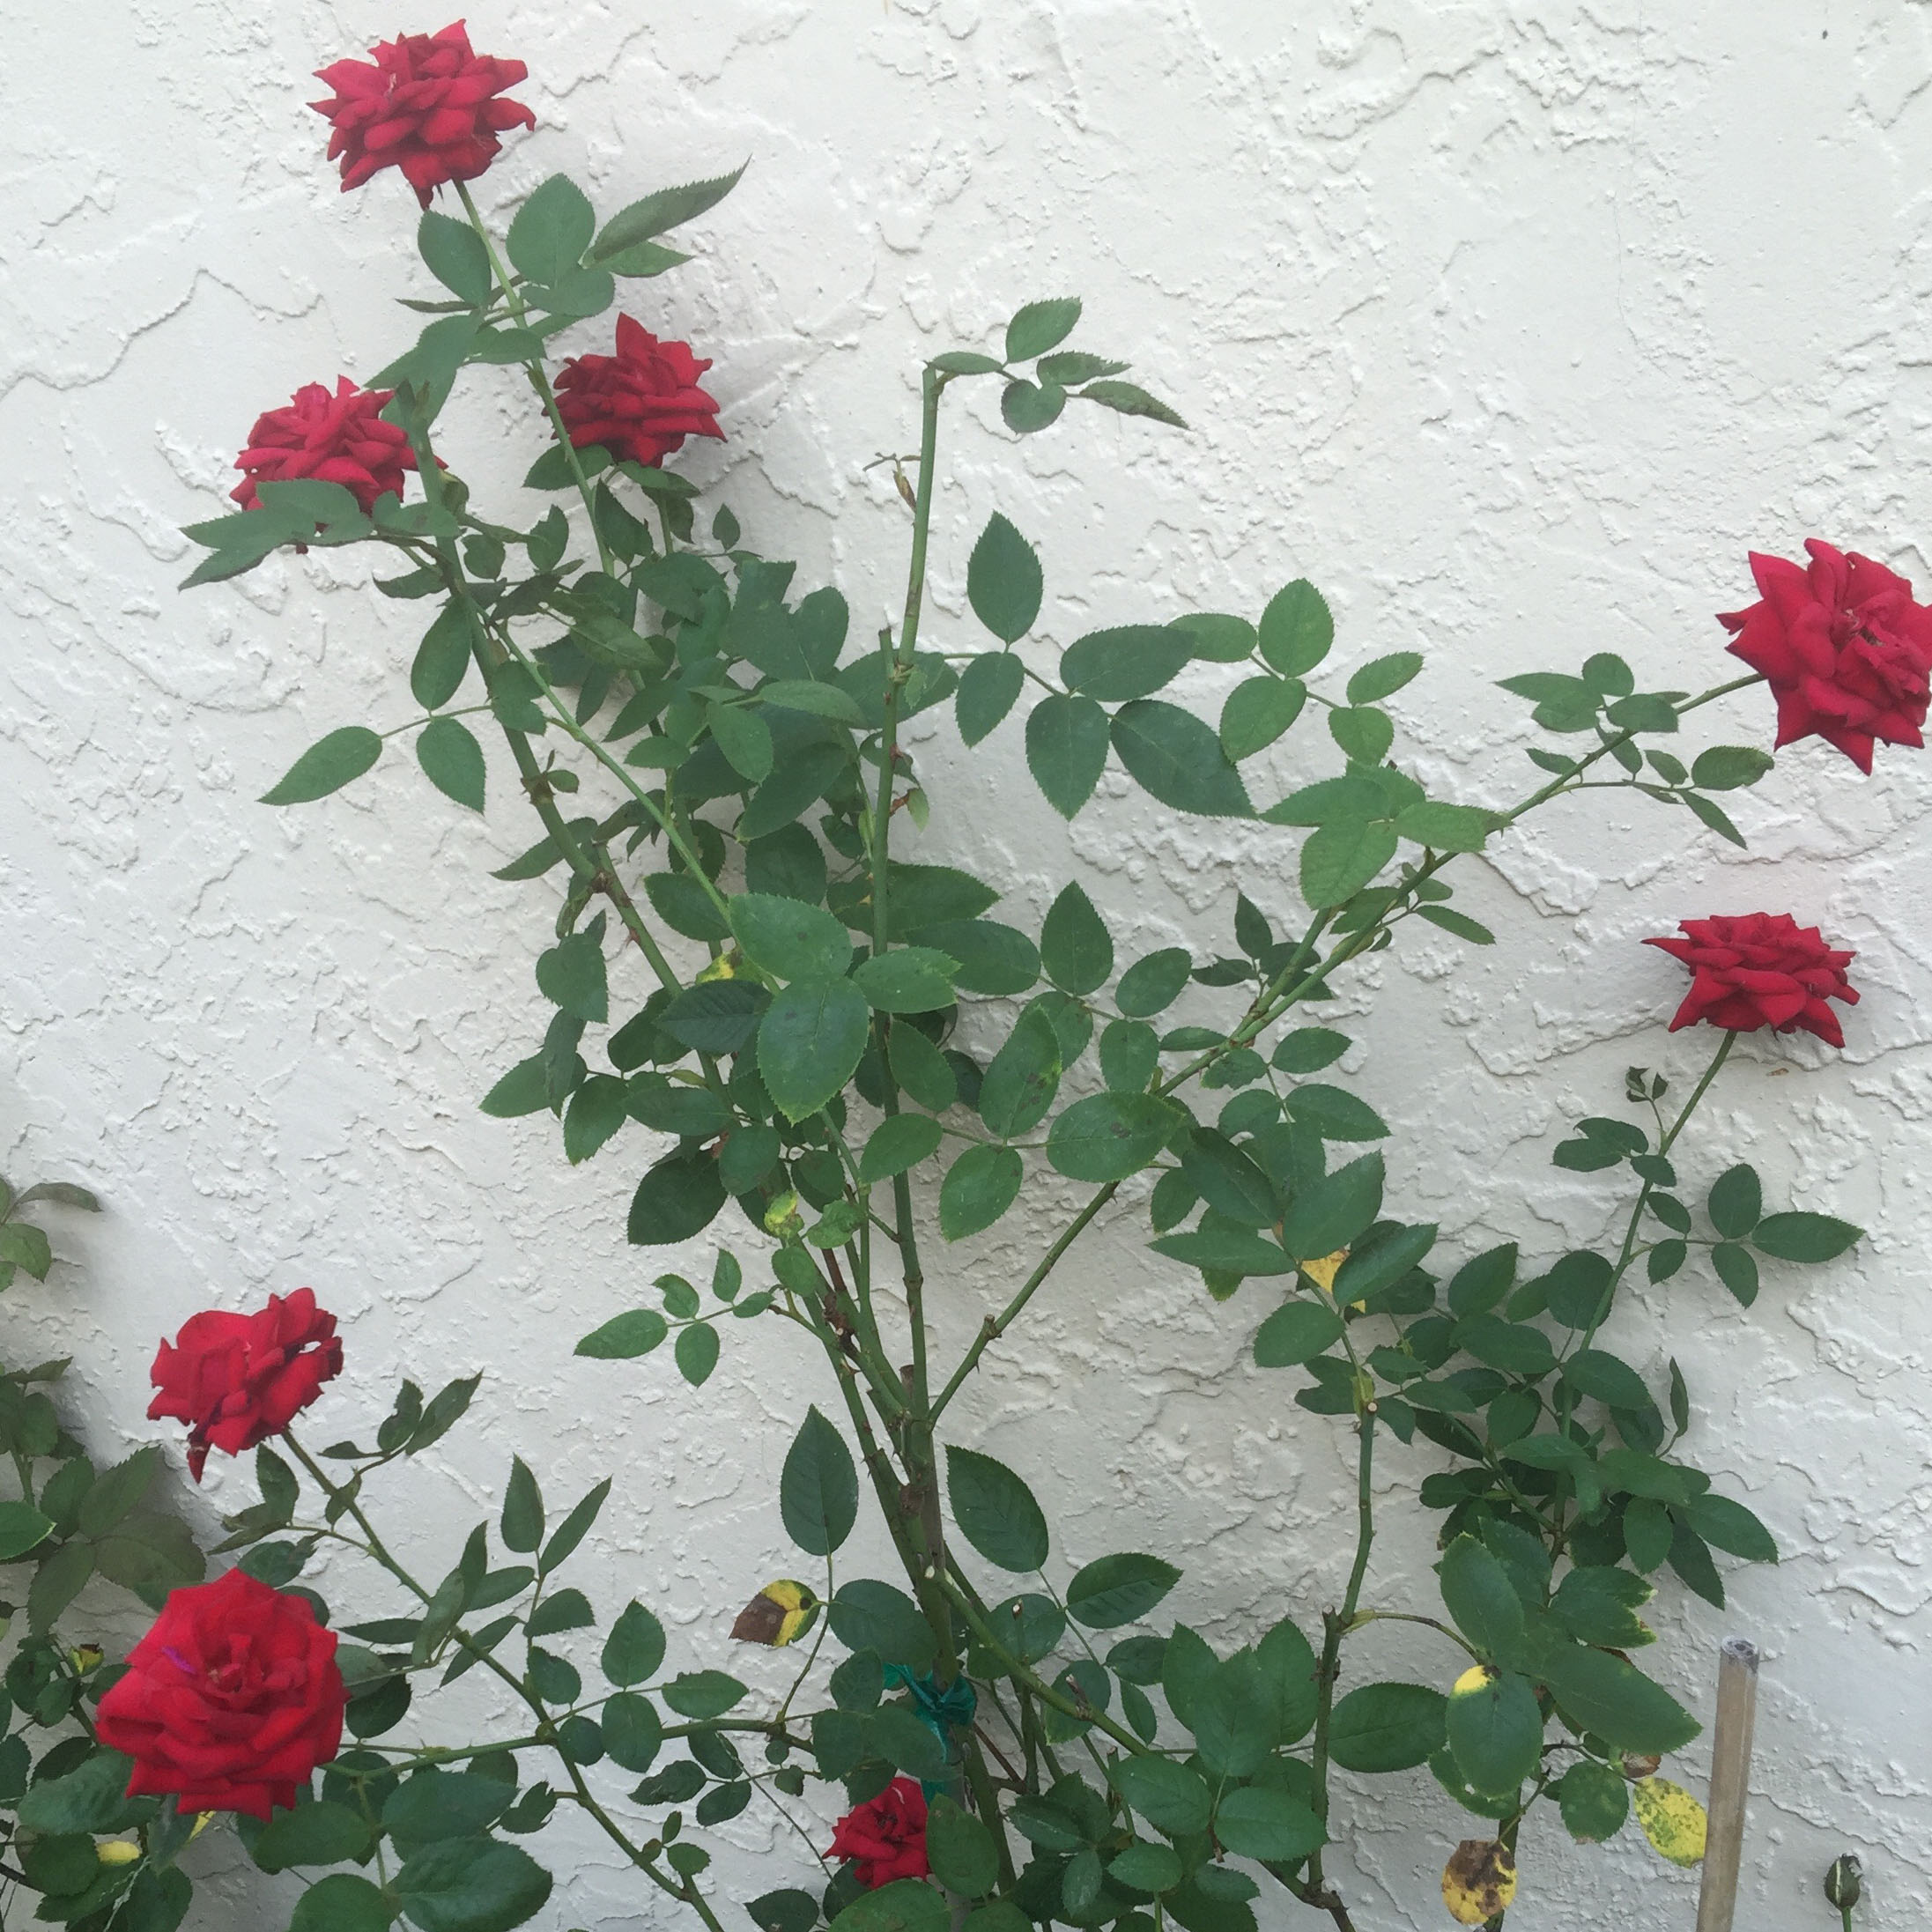 the roses south florida rose. Black Bedroom Furniture Sets. Home Design Ideas